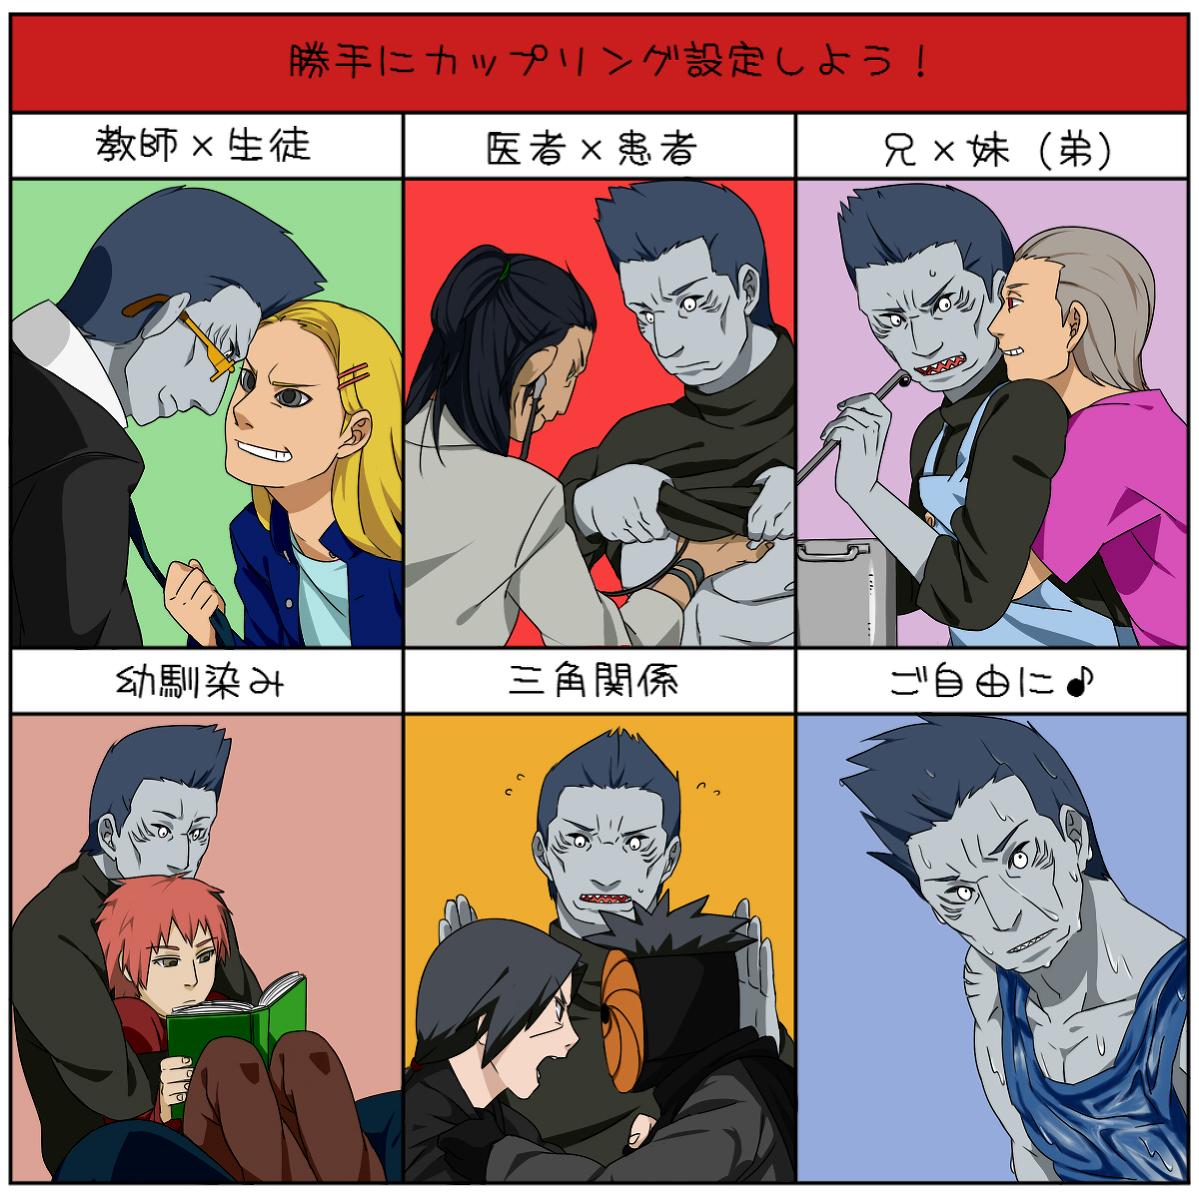 Akatsuki (NARUTO) Image #1265686 - Zerochan Anime Image Board